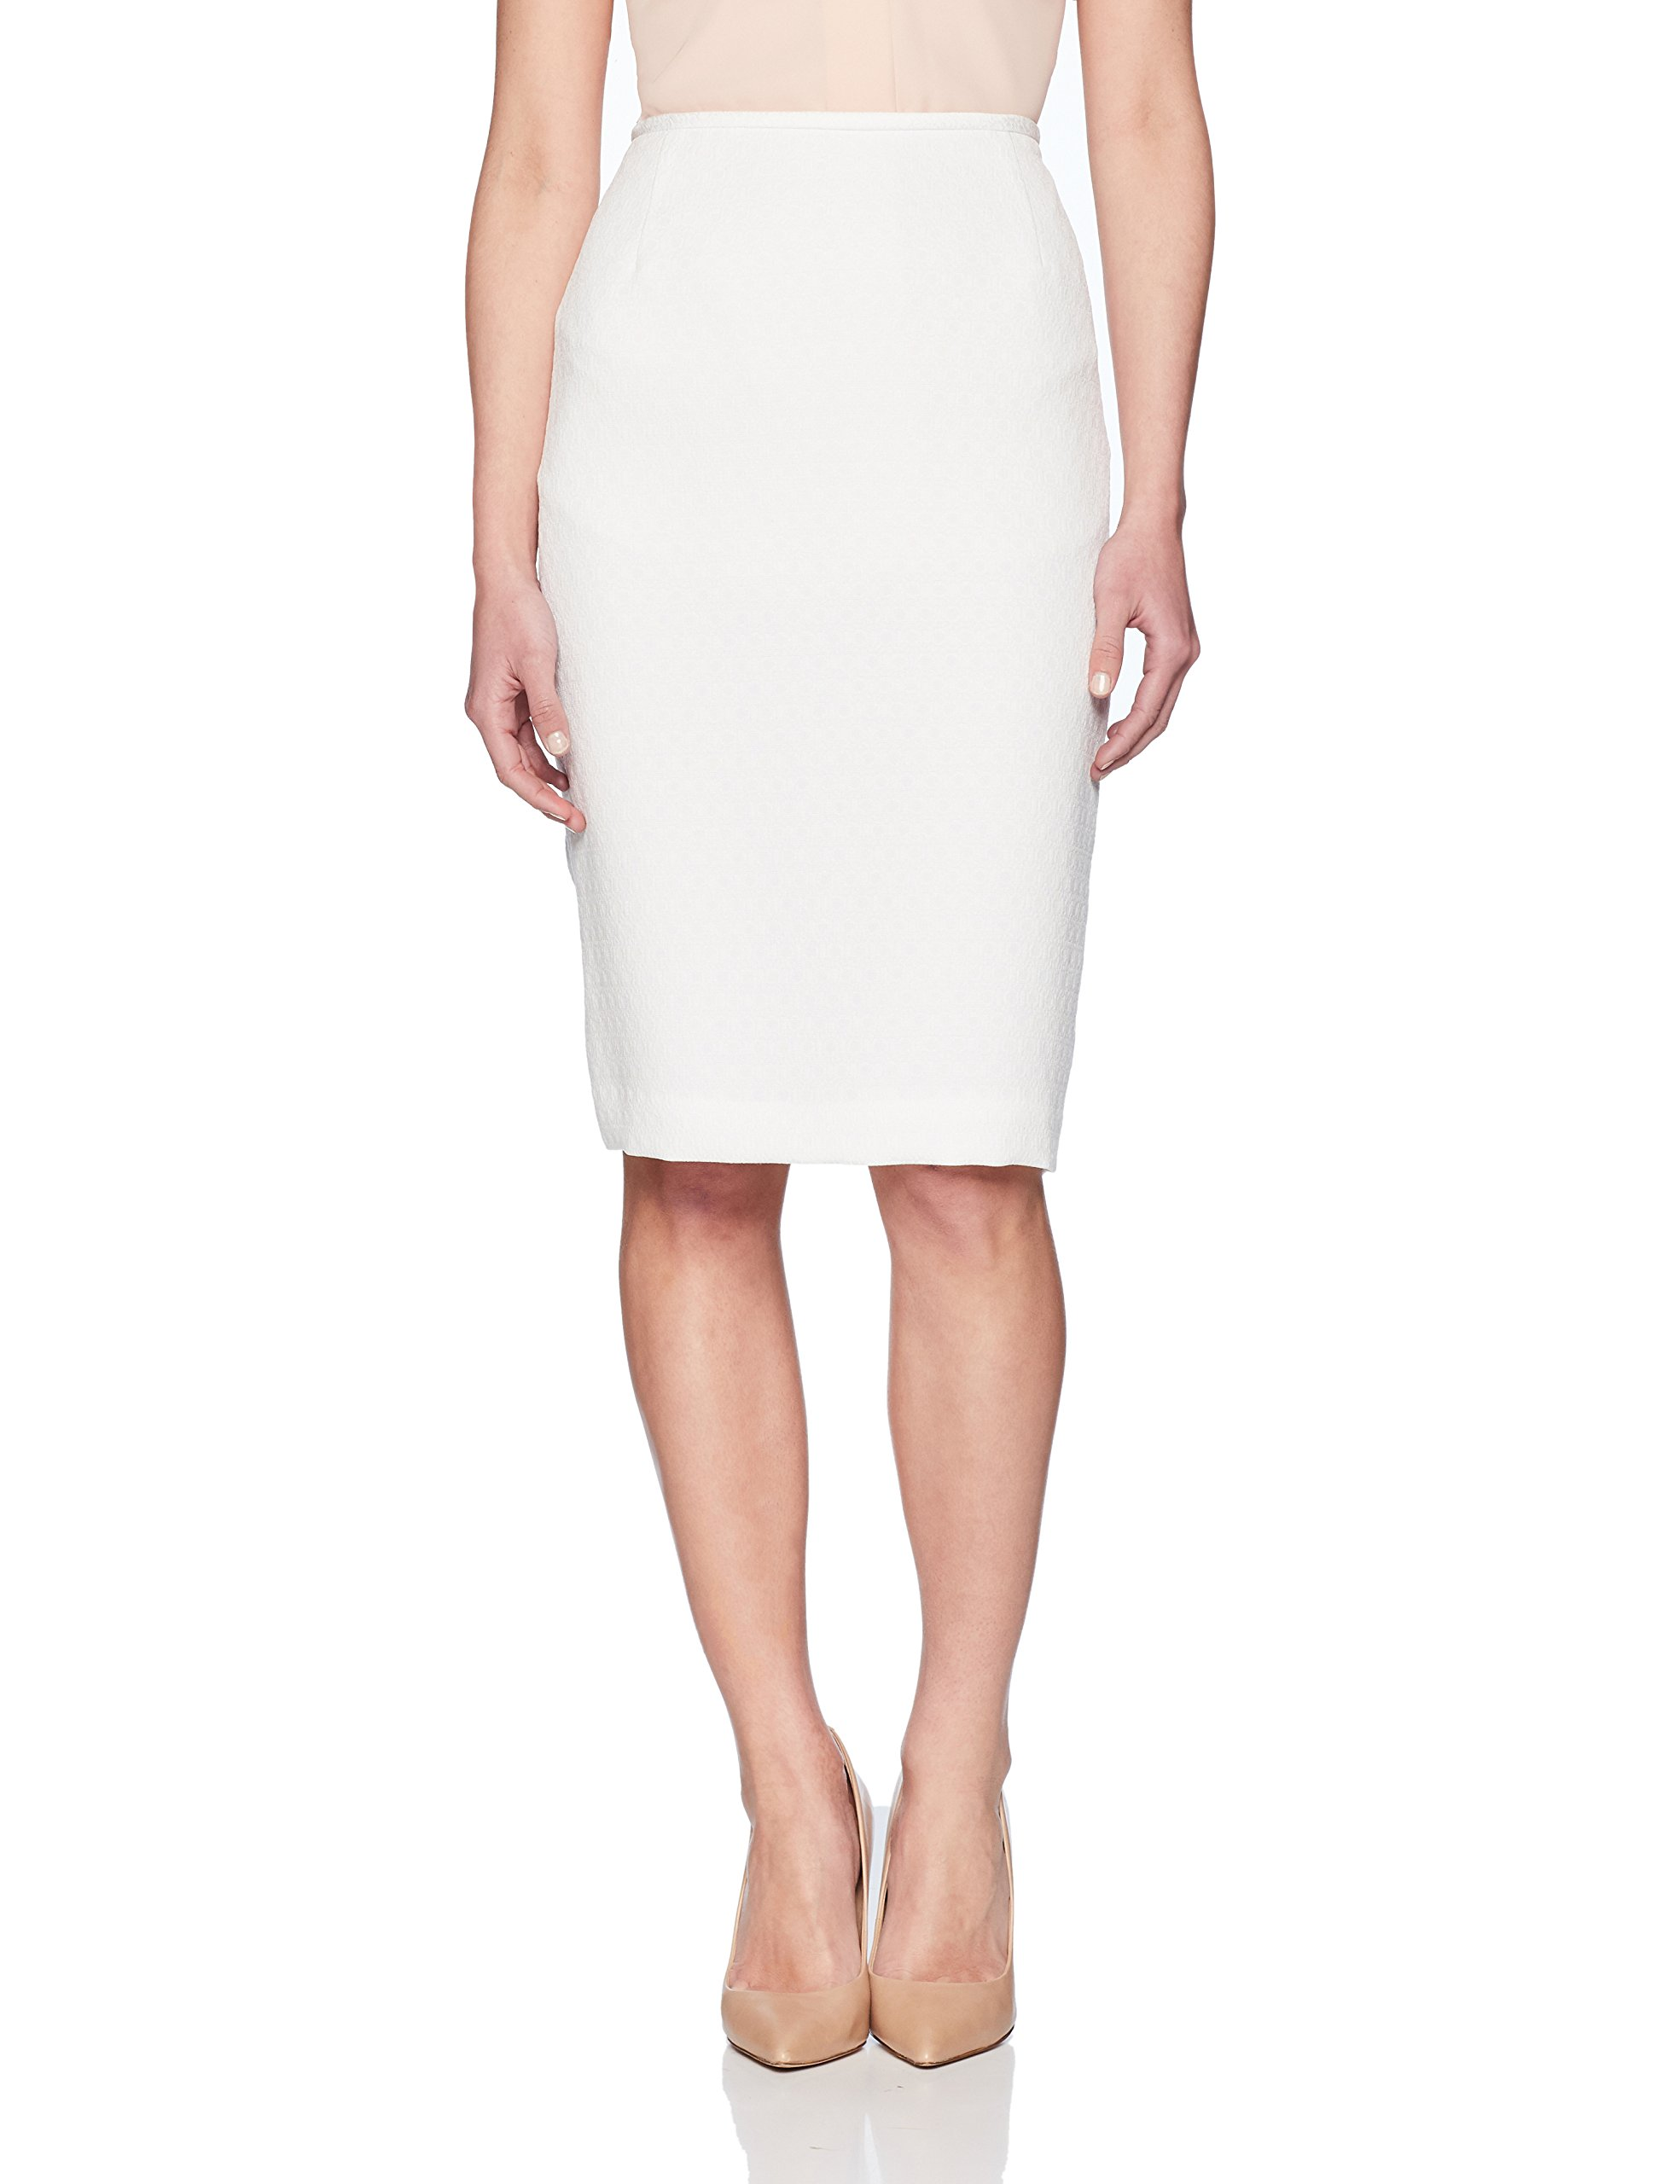 Le Suit Women's Petite Eyelet Jacquard 3 Bttn Petal Collar Suit, White, 12P by Le Suit (Image #3)